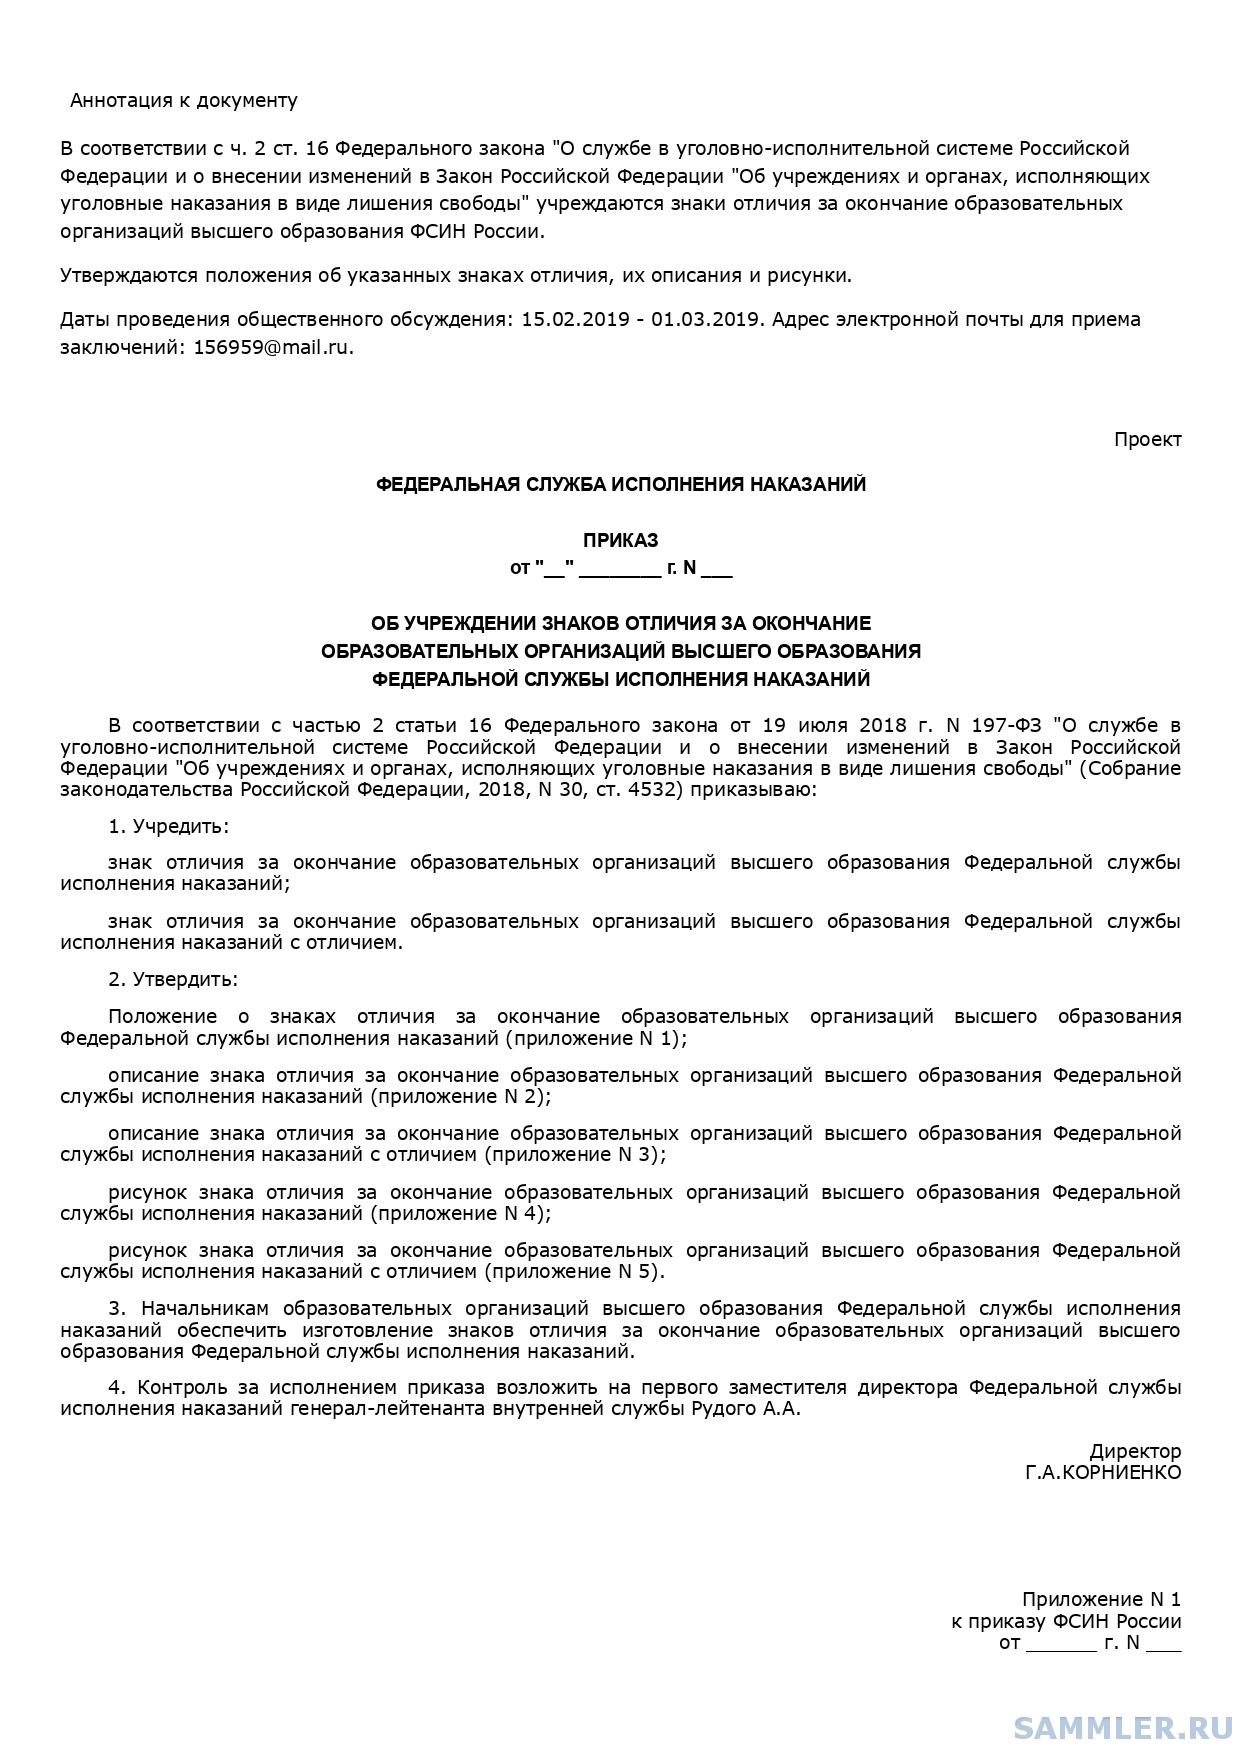 Проект  ФСИН ромбы_page-0001.jpg